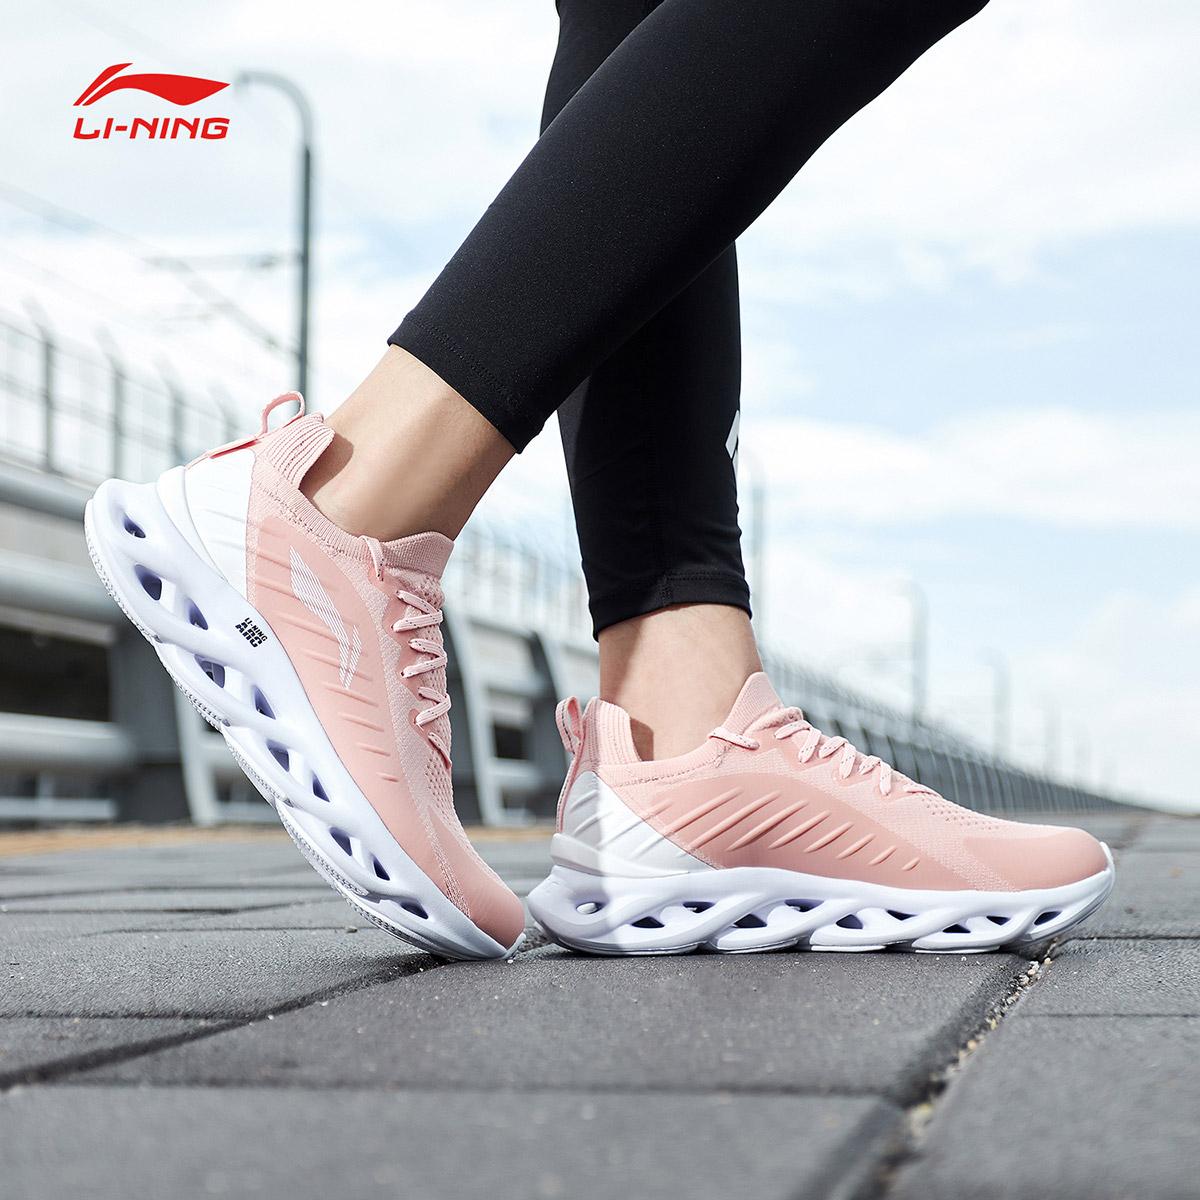 李宁跑步鞋女鞋2019新款李宁弧减震透气跑鞋女士低帮运动鞋